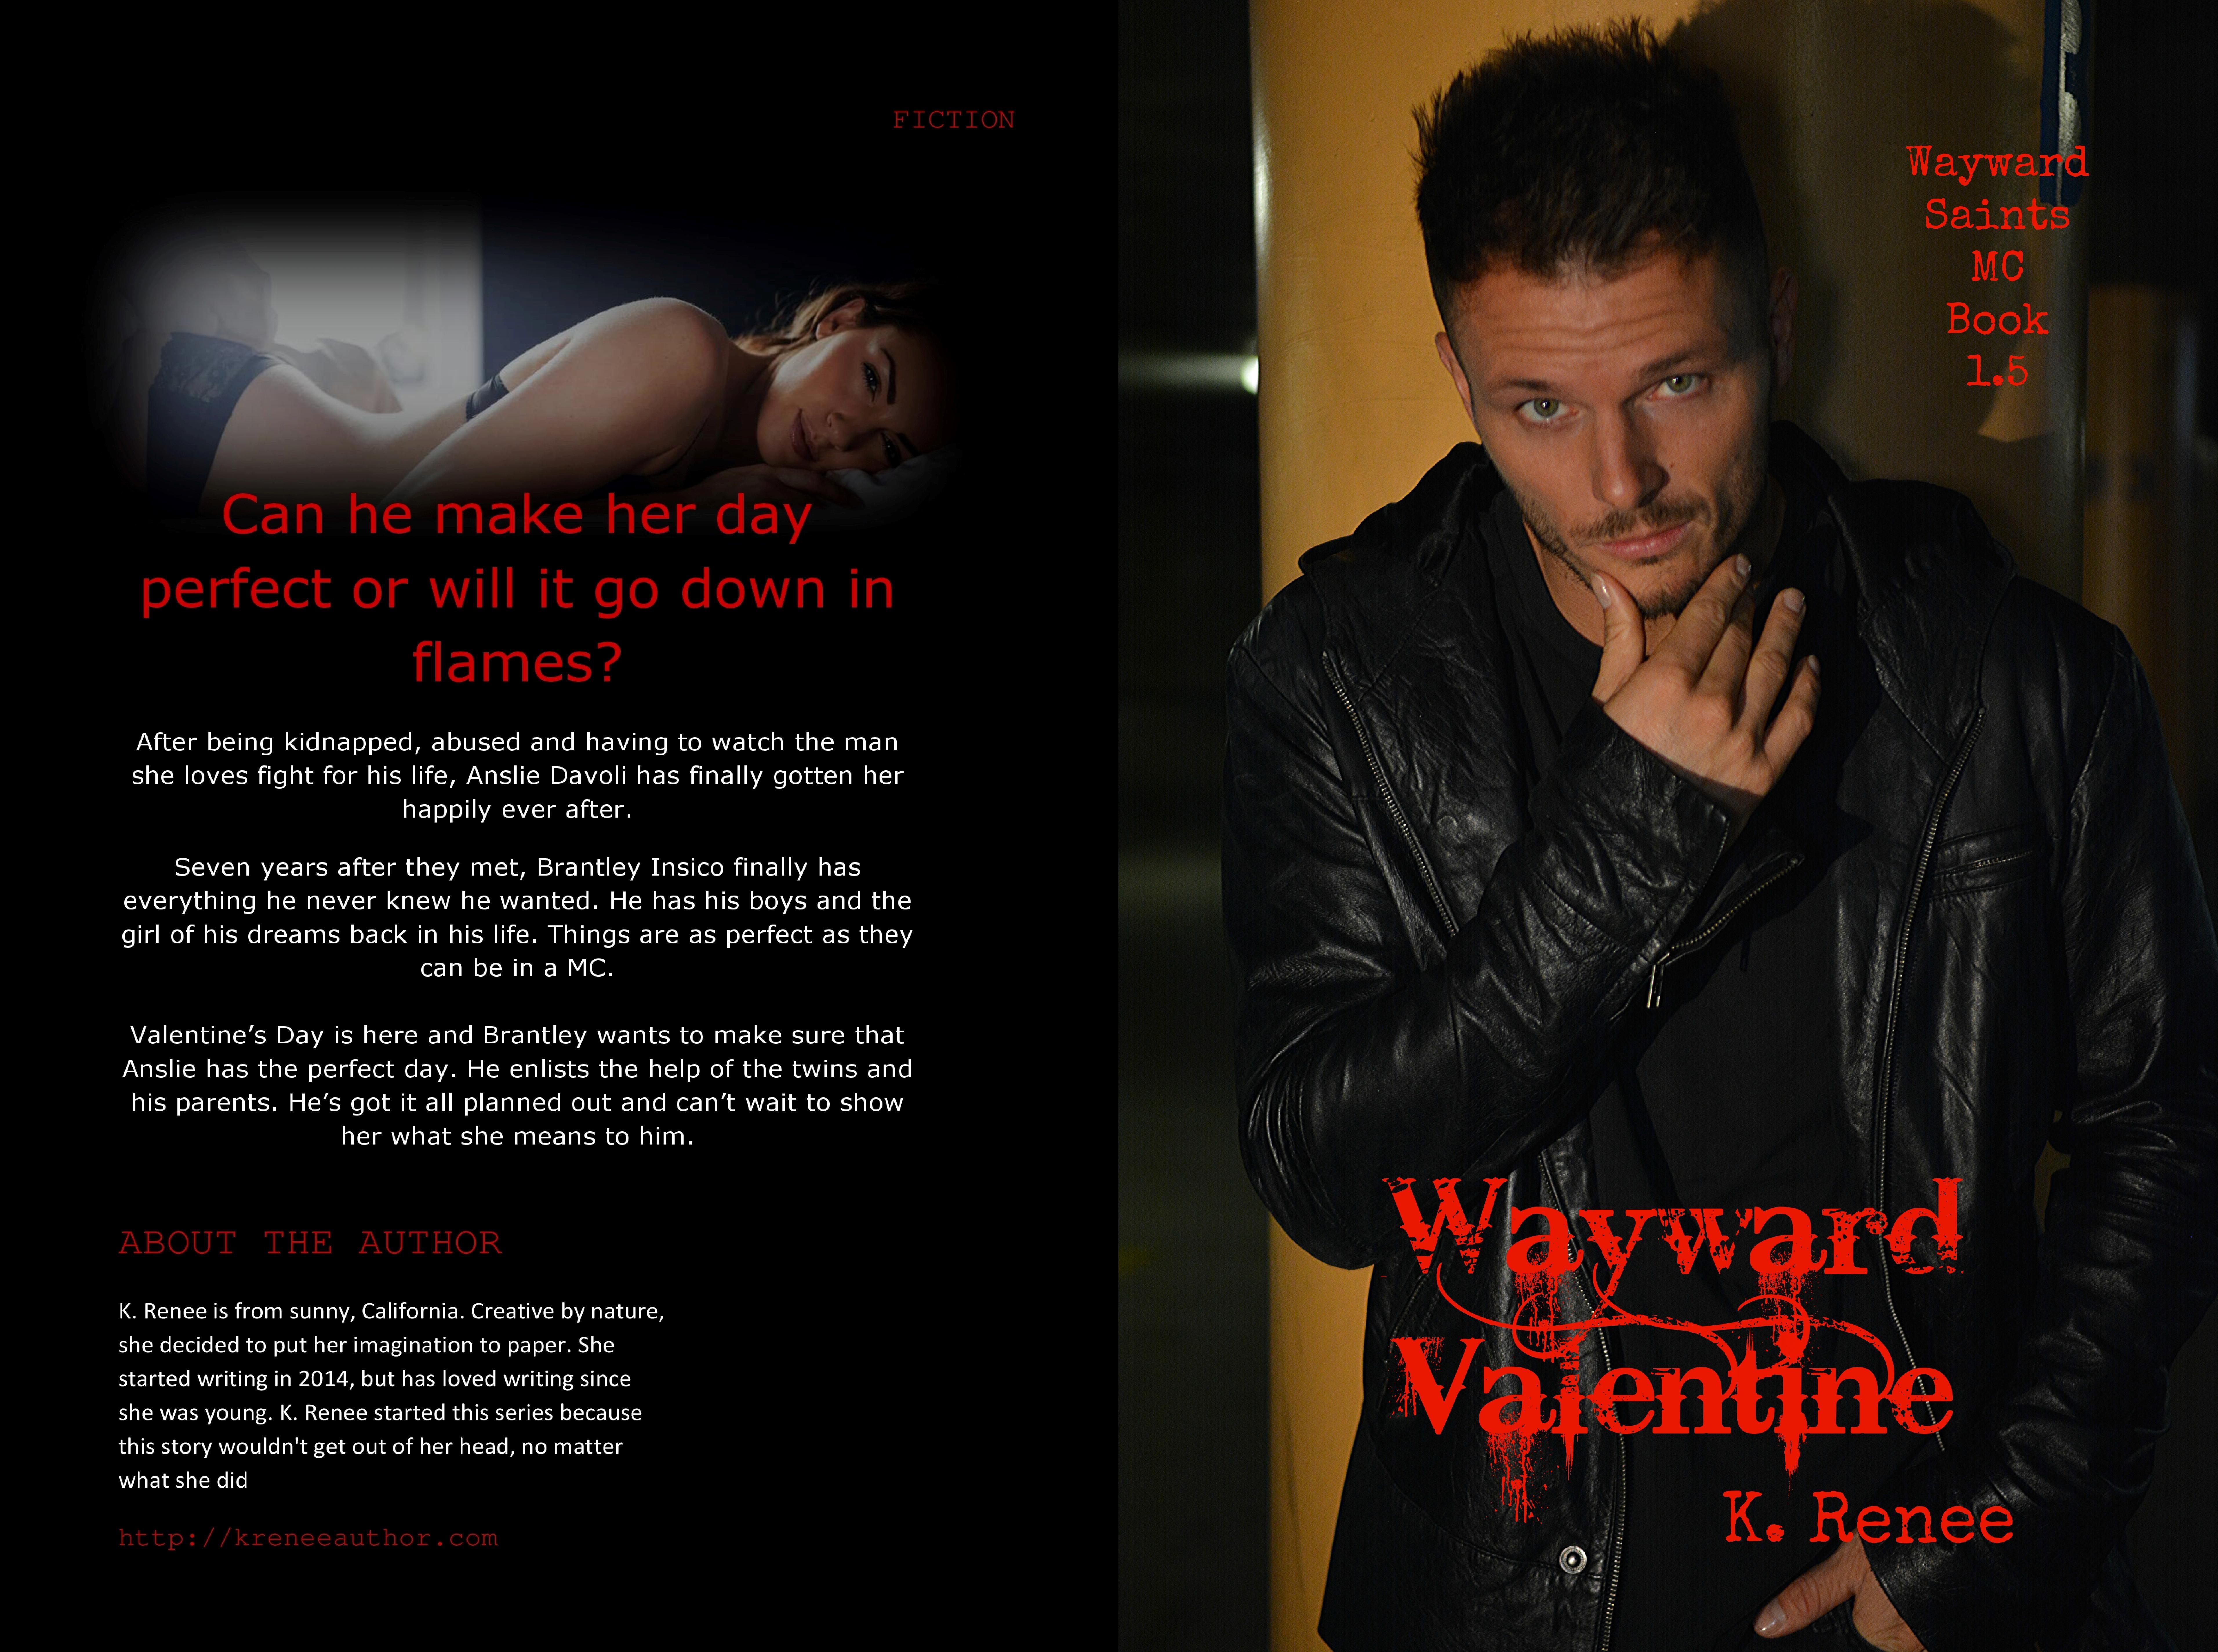 Wayward Valentine